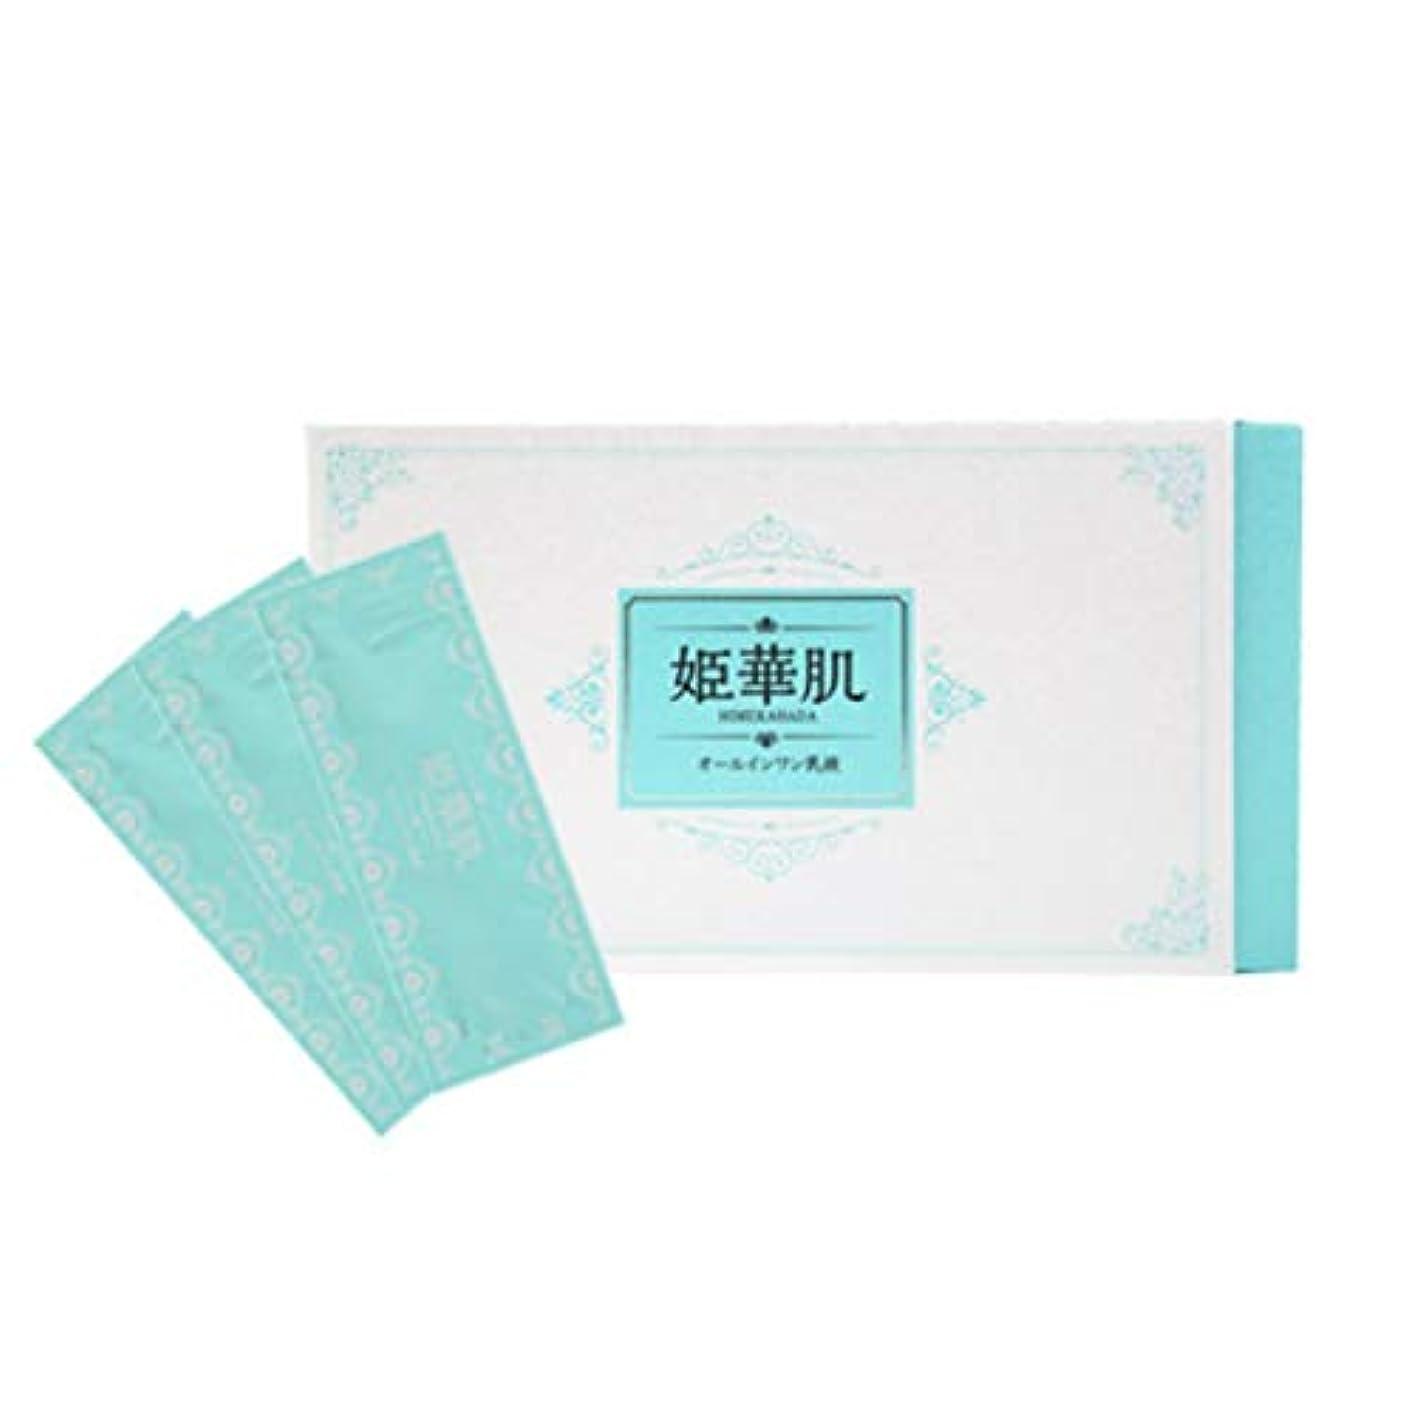 化学広範囲に推定するオールインワン乳液 プラセンタエキス86%配合 姫華肌(ひめかはだ)